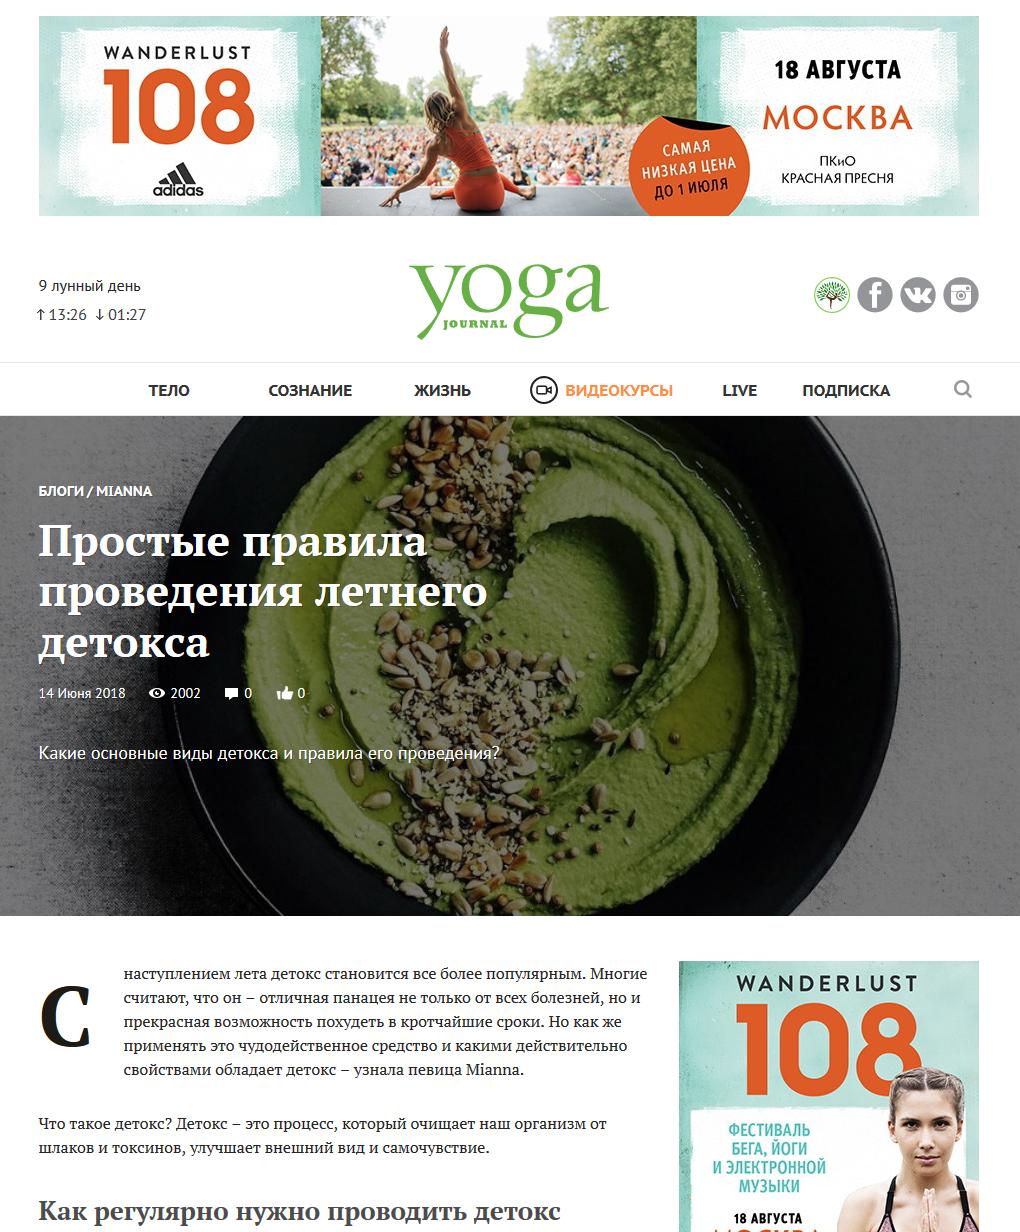 https://yogajournal.ru/blogs/mianna/prostye-pravila-provedeniya-letnego-detoksa/